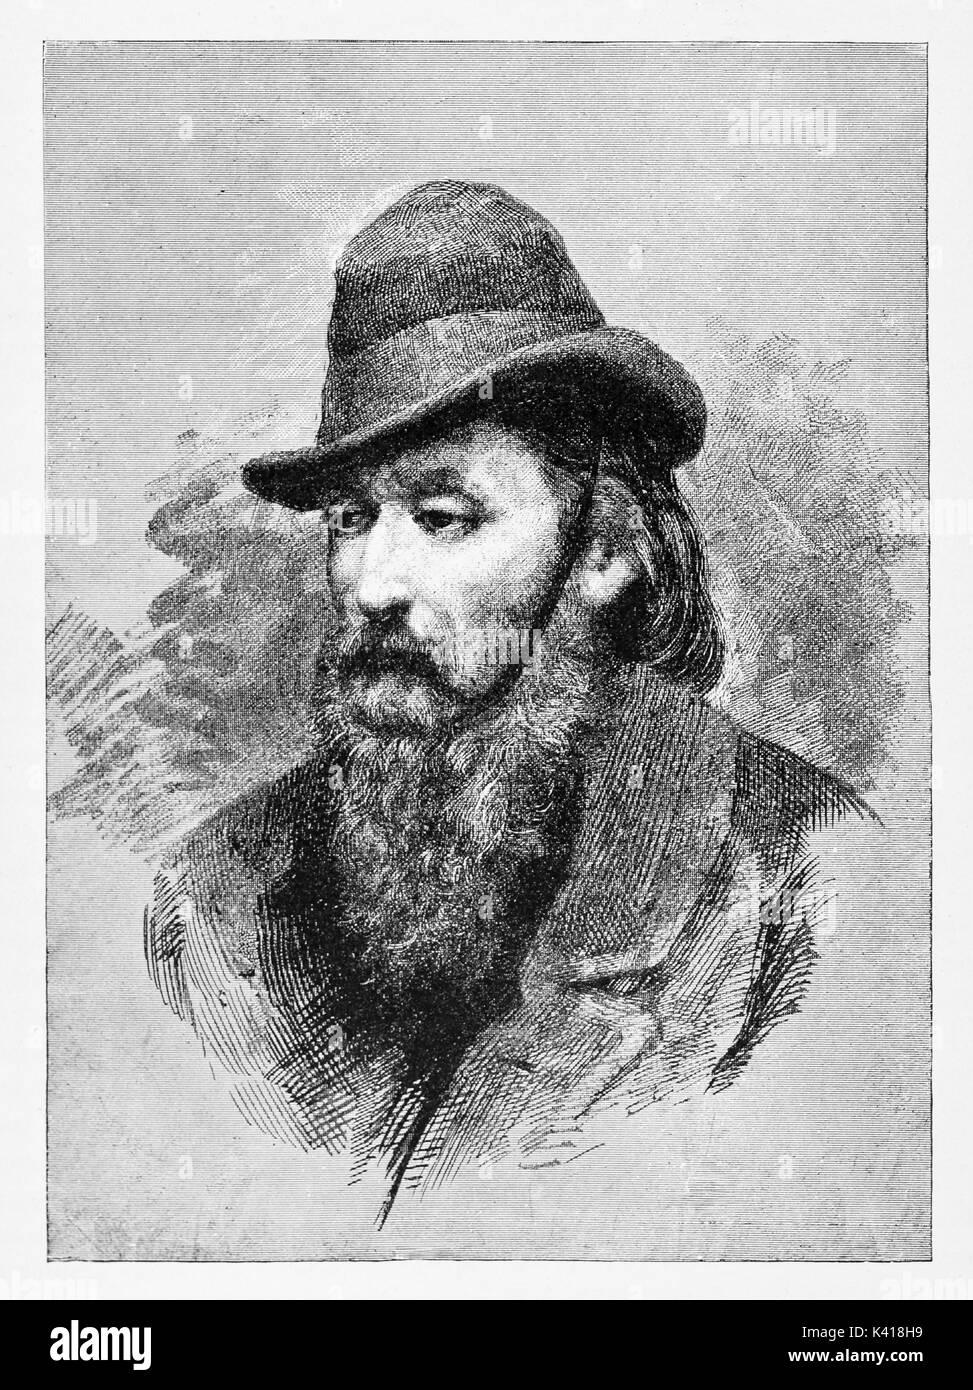 Antico mezzo busto ritratto di un uomo vecchio con una lunga barba e un  cappello. Pietro Ripari (1802 - 1885) patriota italiano medico ed uomo  politico. Da ... 6ceecf589814